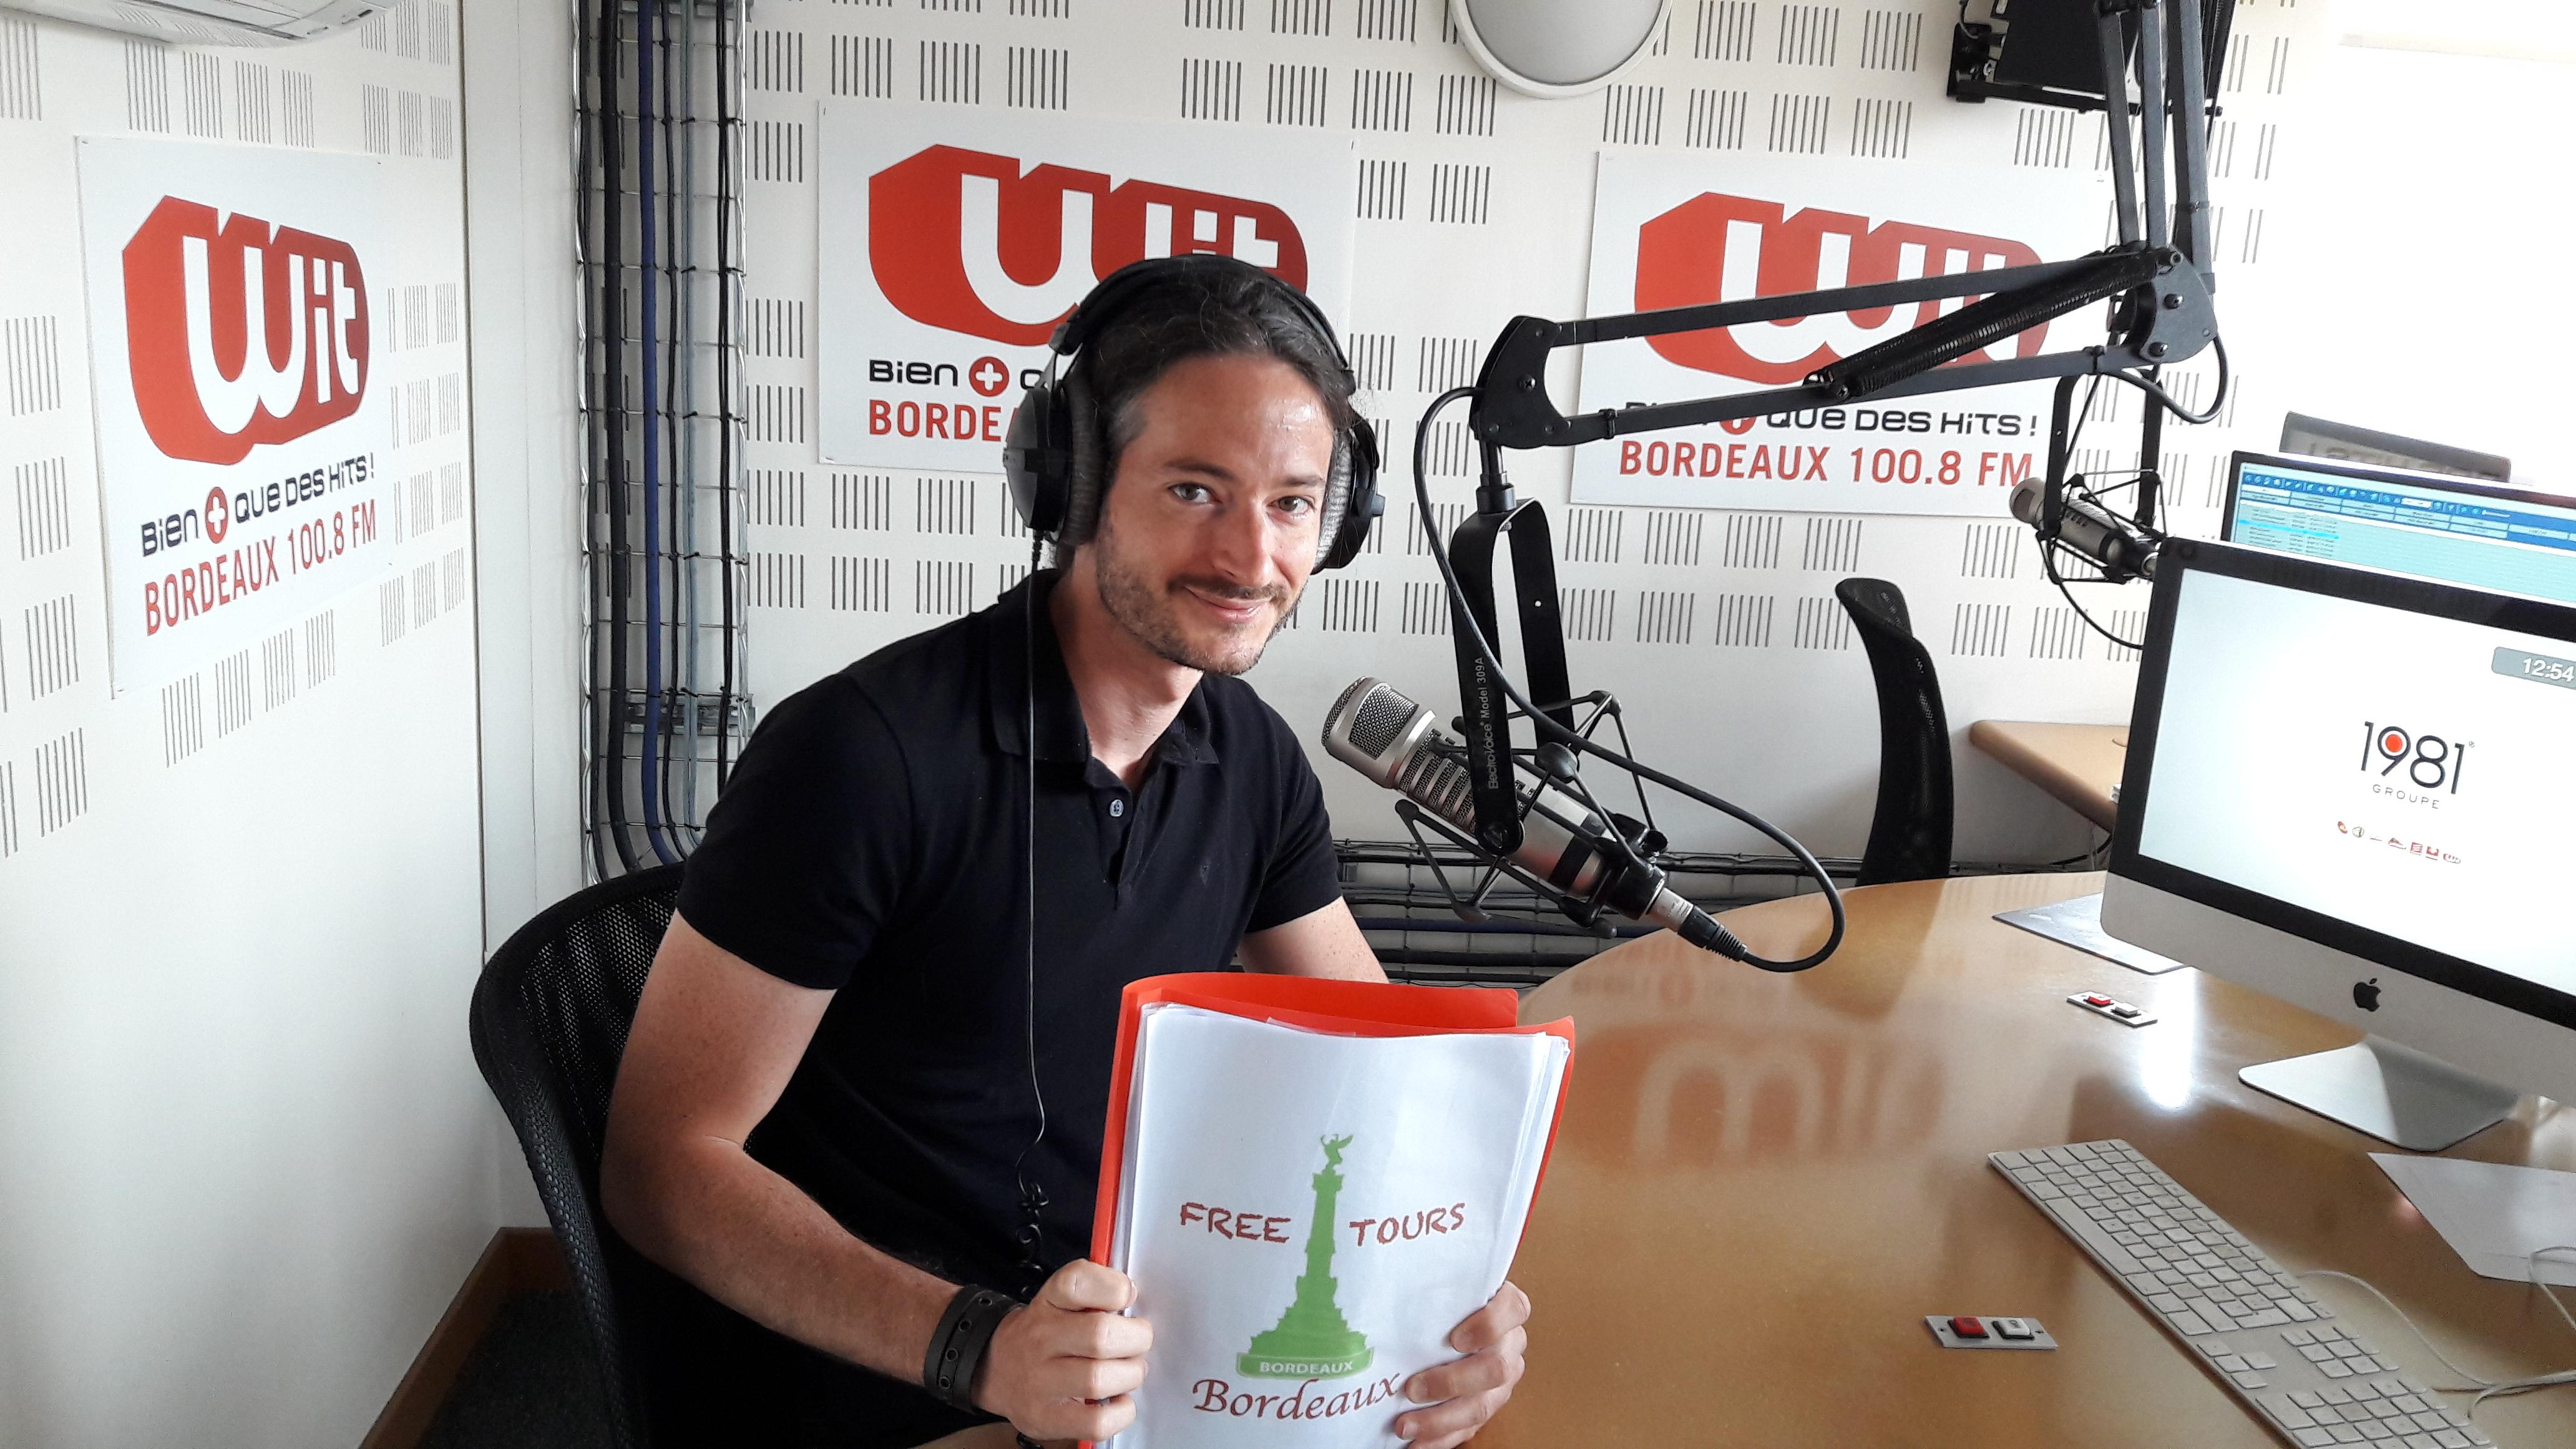 Photo of an interview - Wit FM - Bordeaux